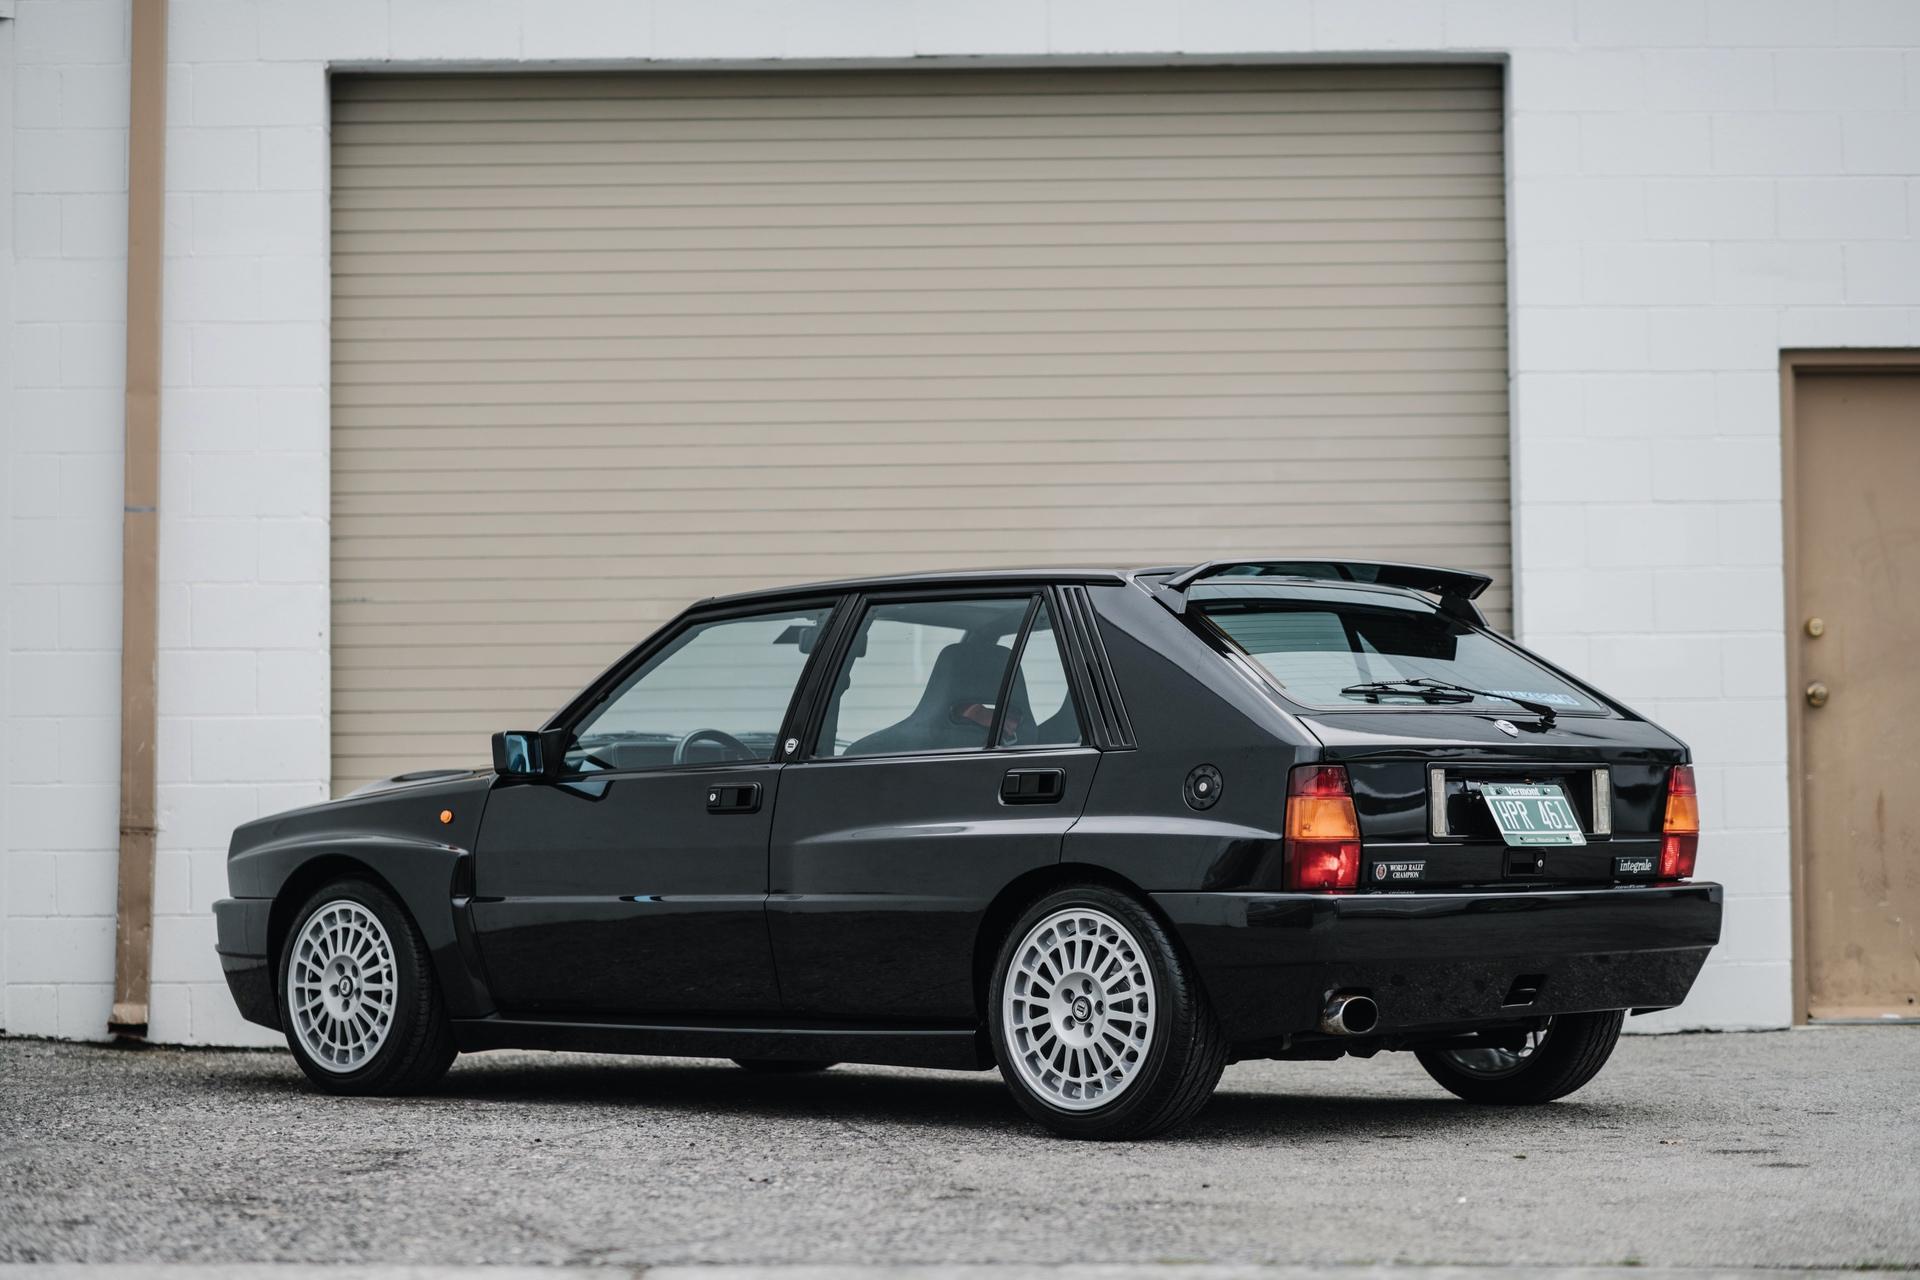 1992-Lancia-Delta-HF-Integrale-Evoluzione-_1